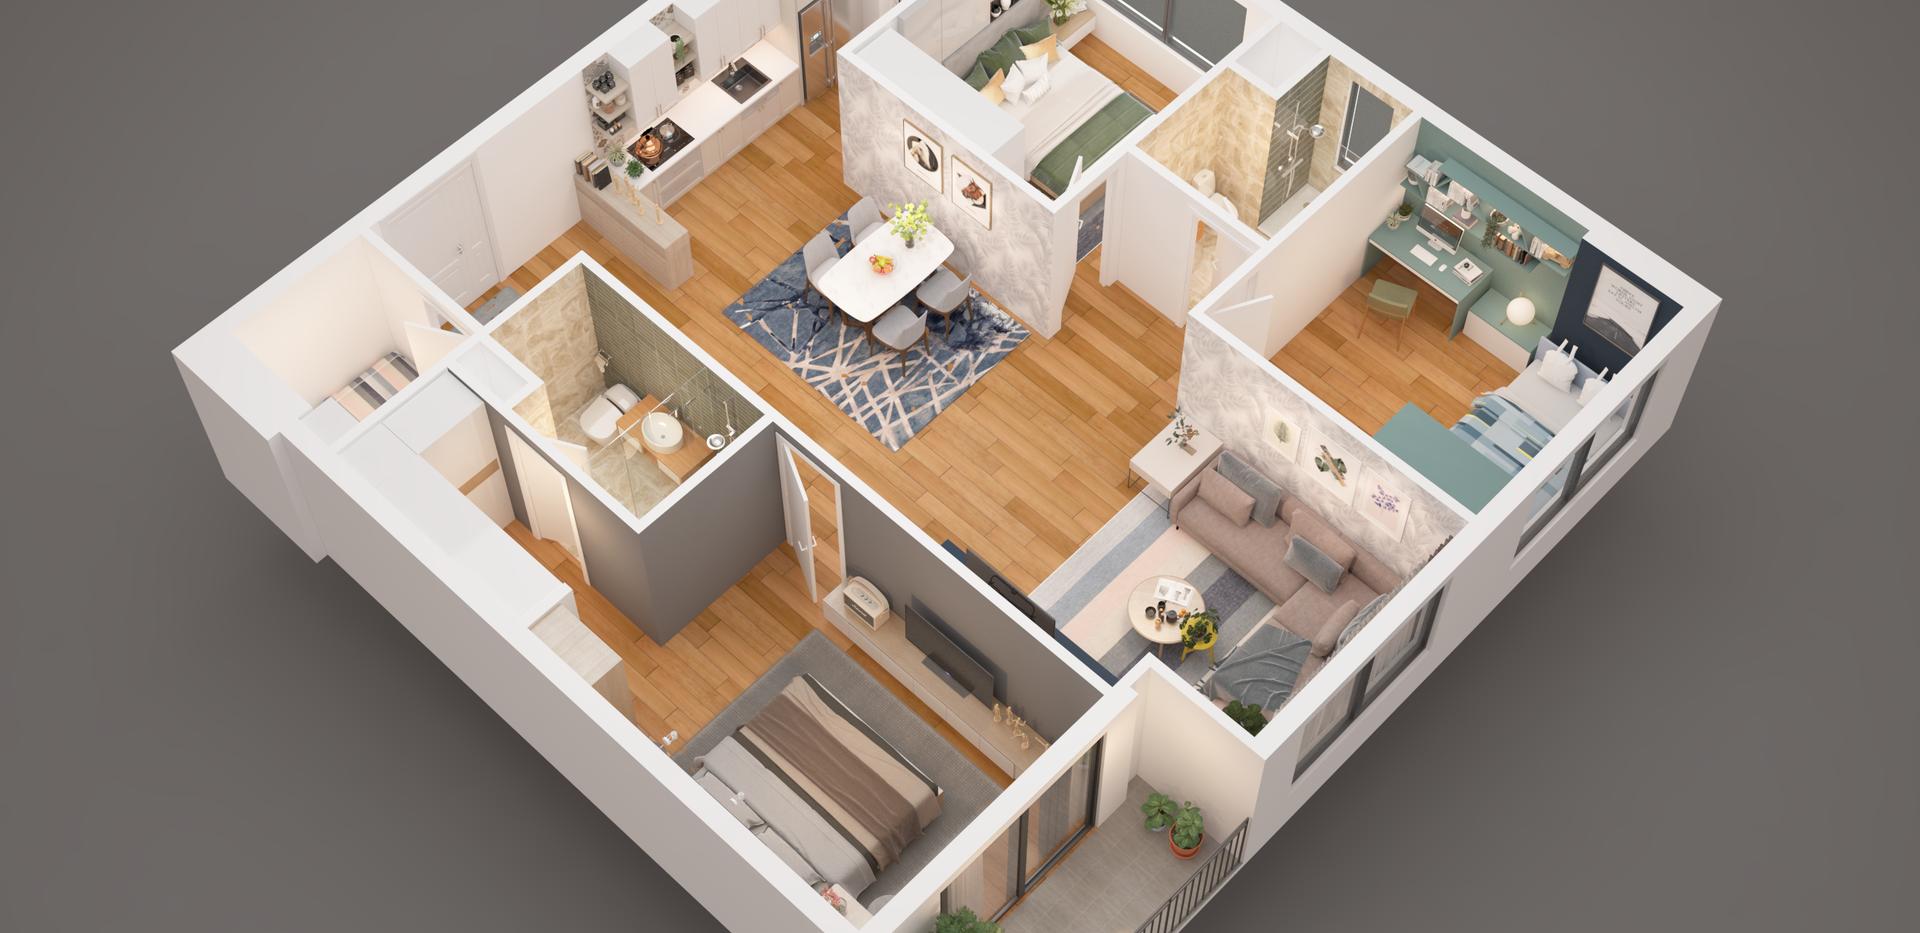 pro 3d floor plan.png